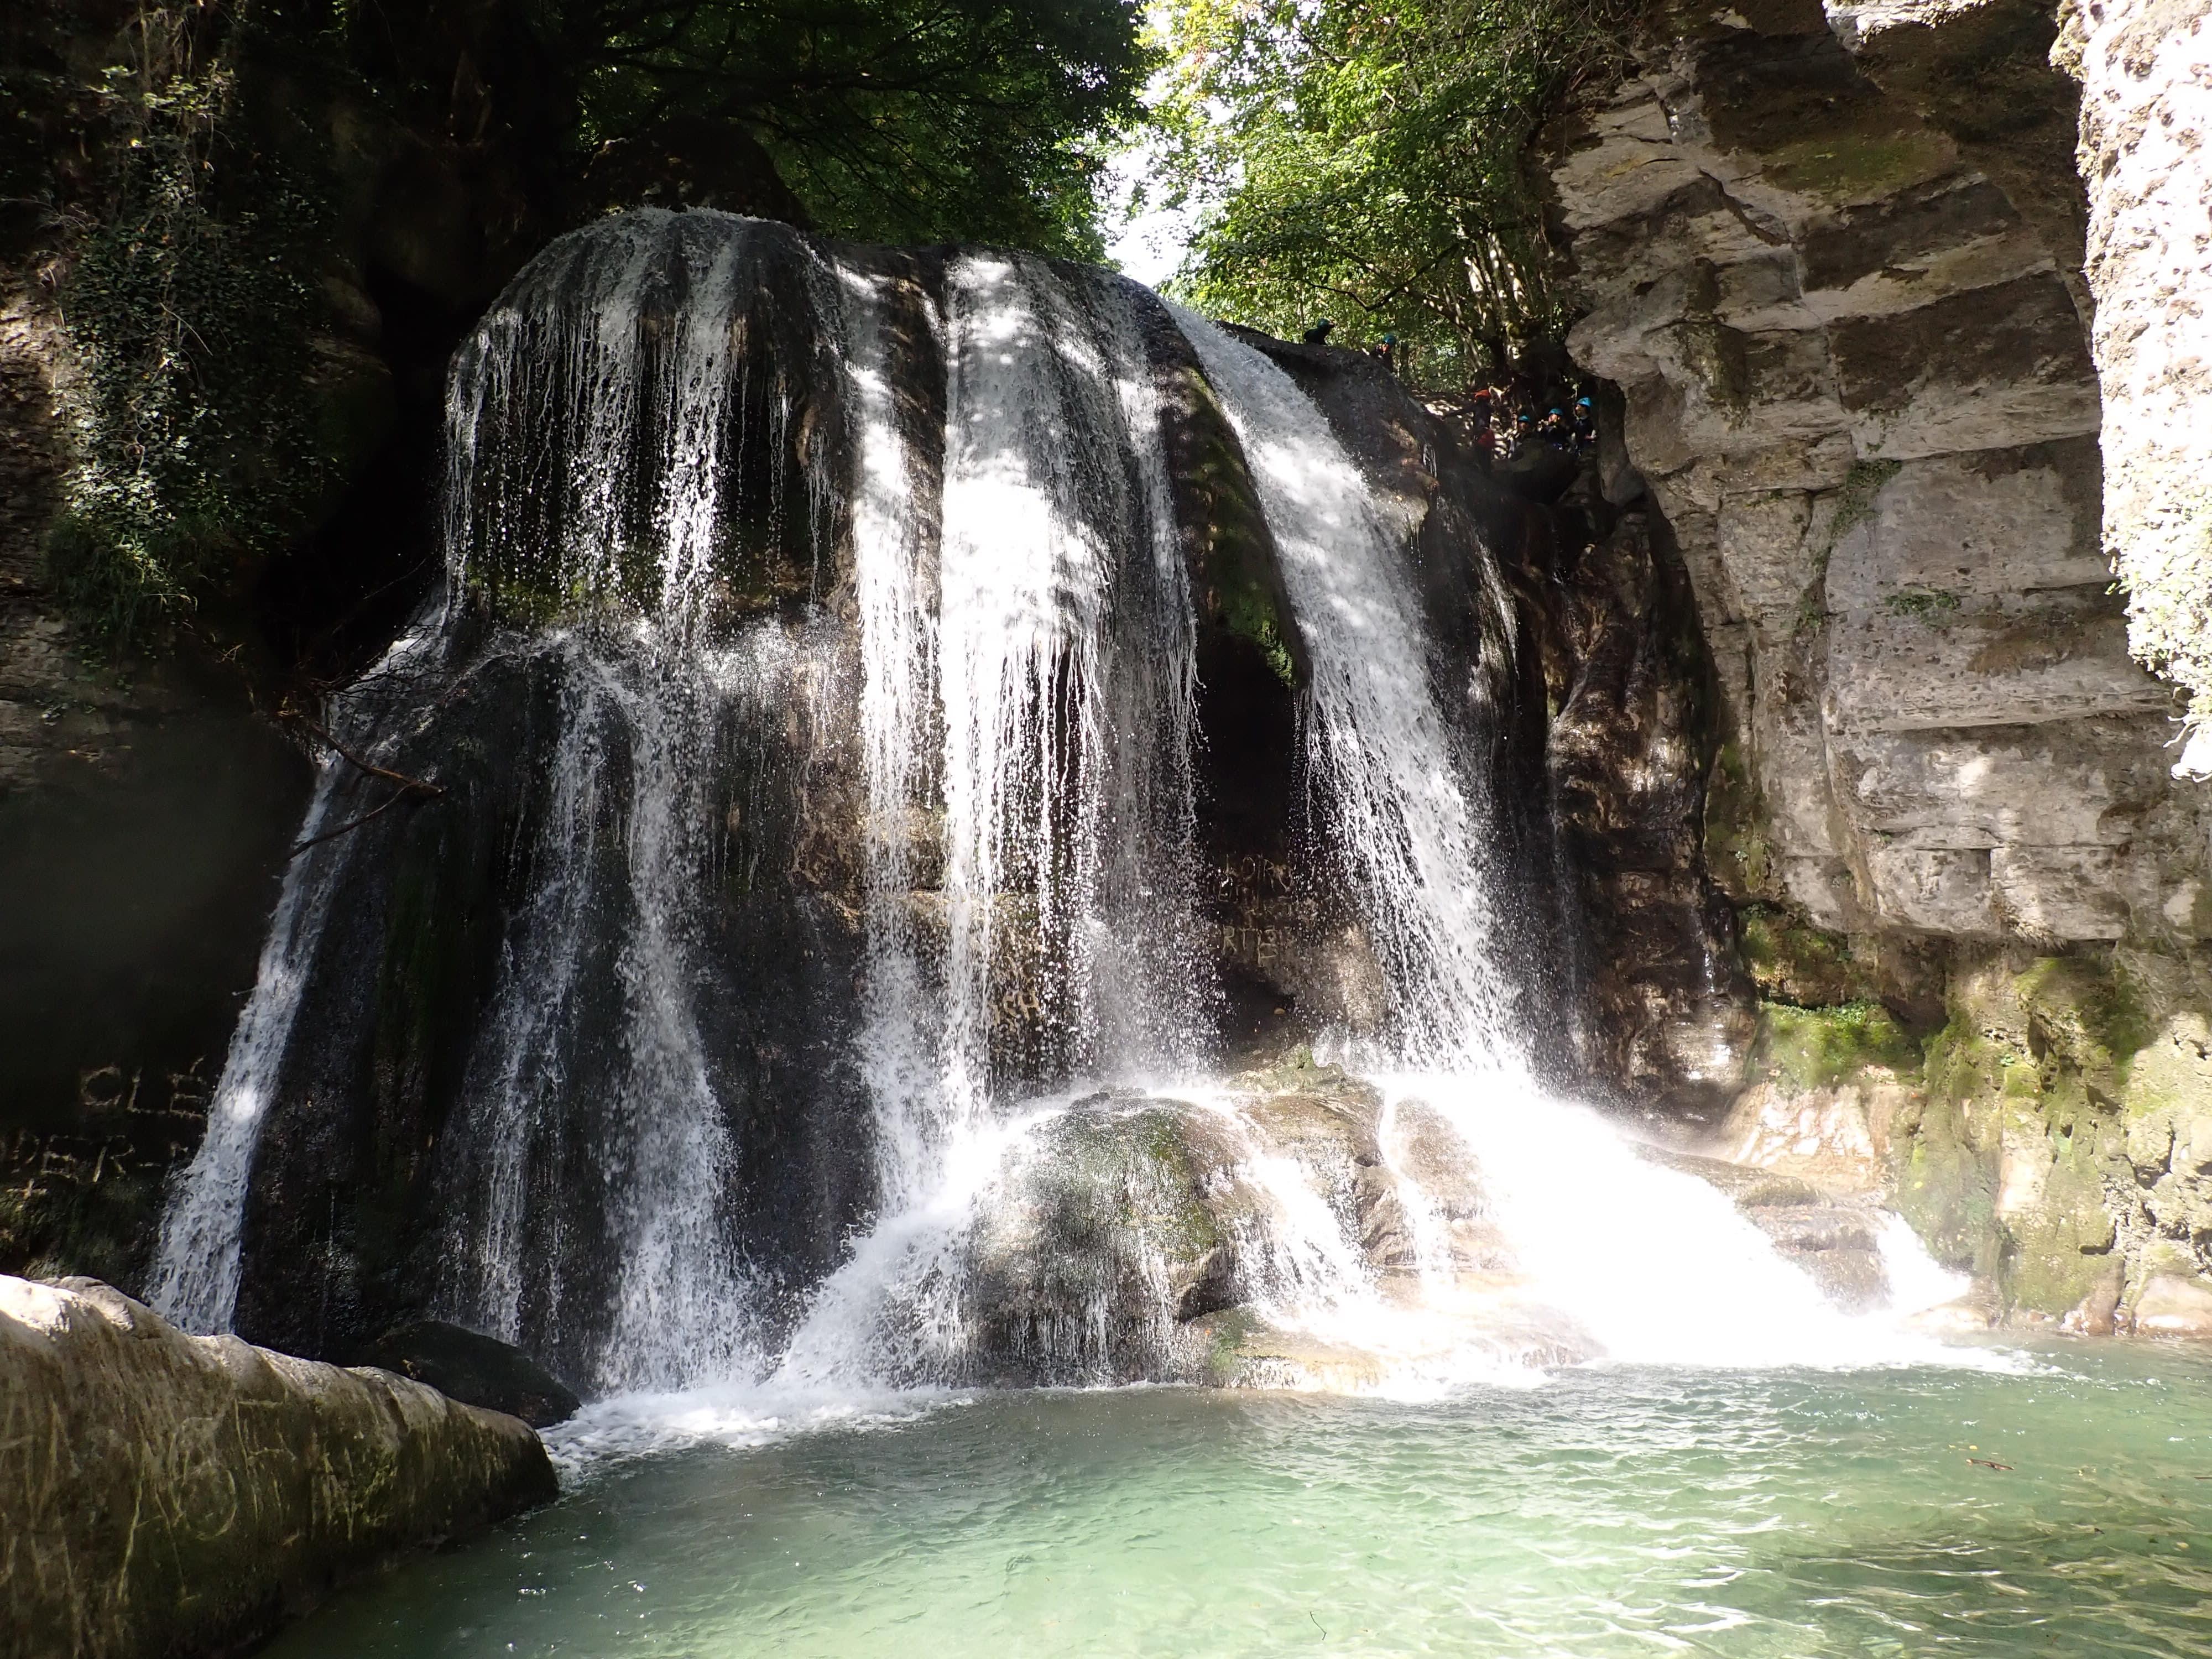 cascade de tuf dans le canyon du Furon bas à Grenoble